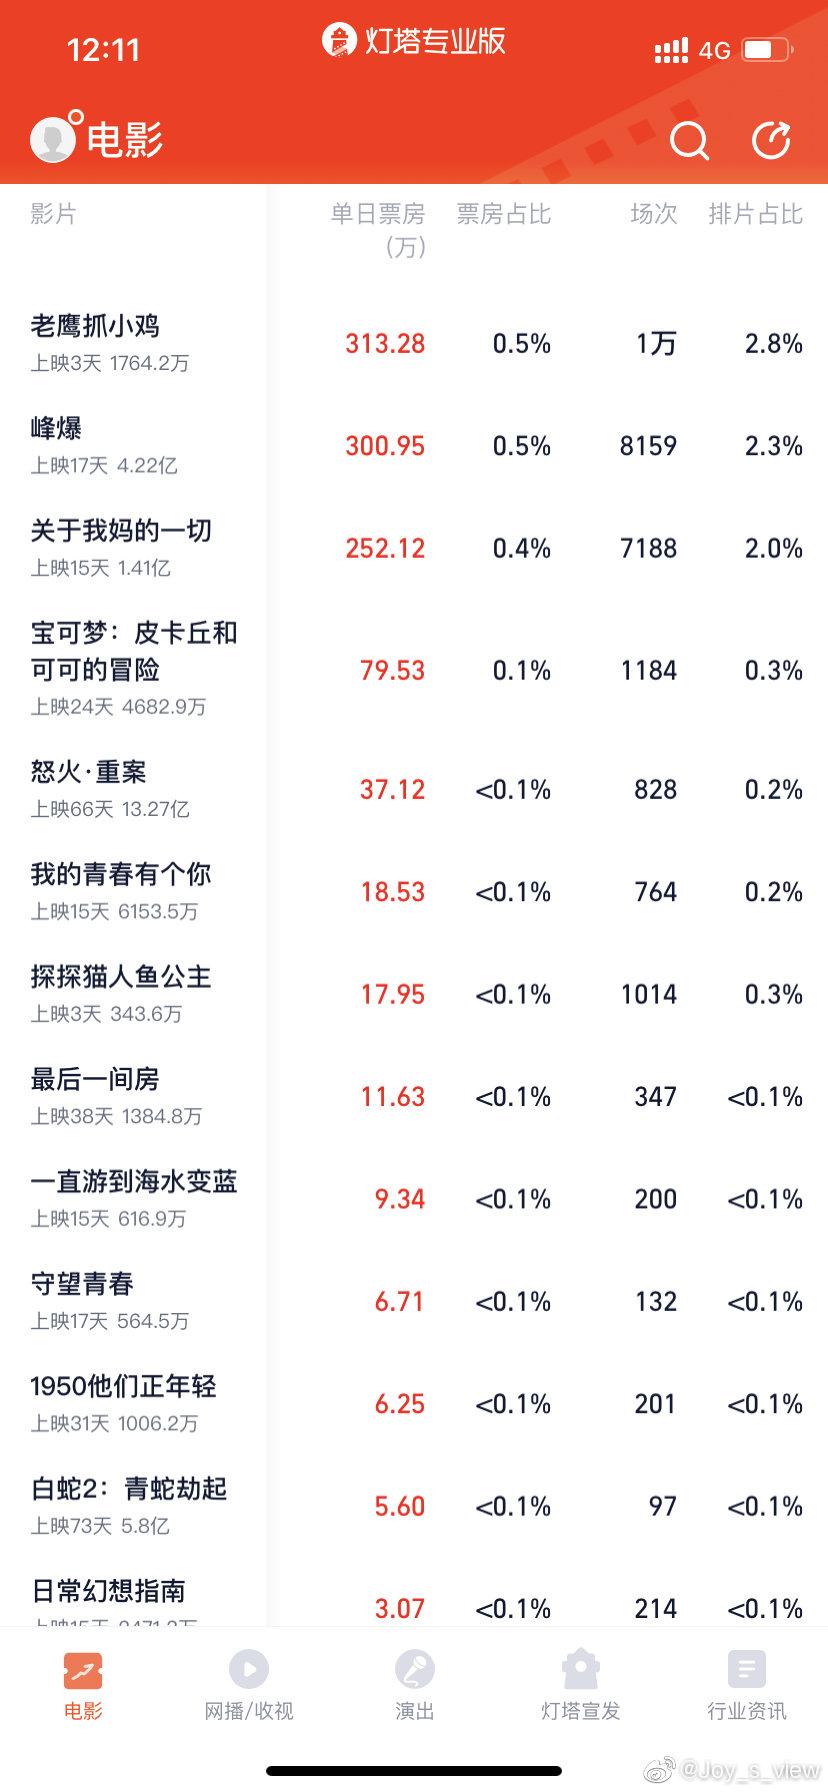 影视资讯报......朱一龙电影峰爆已破4... 影视资讯 第1张